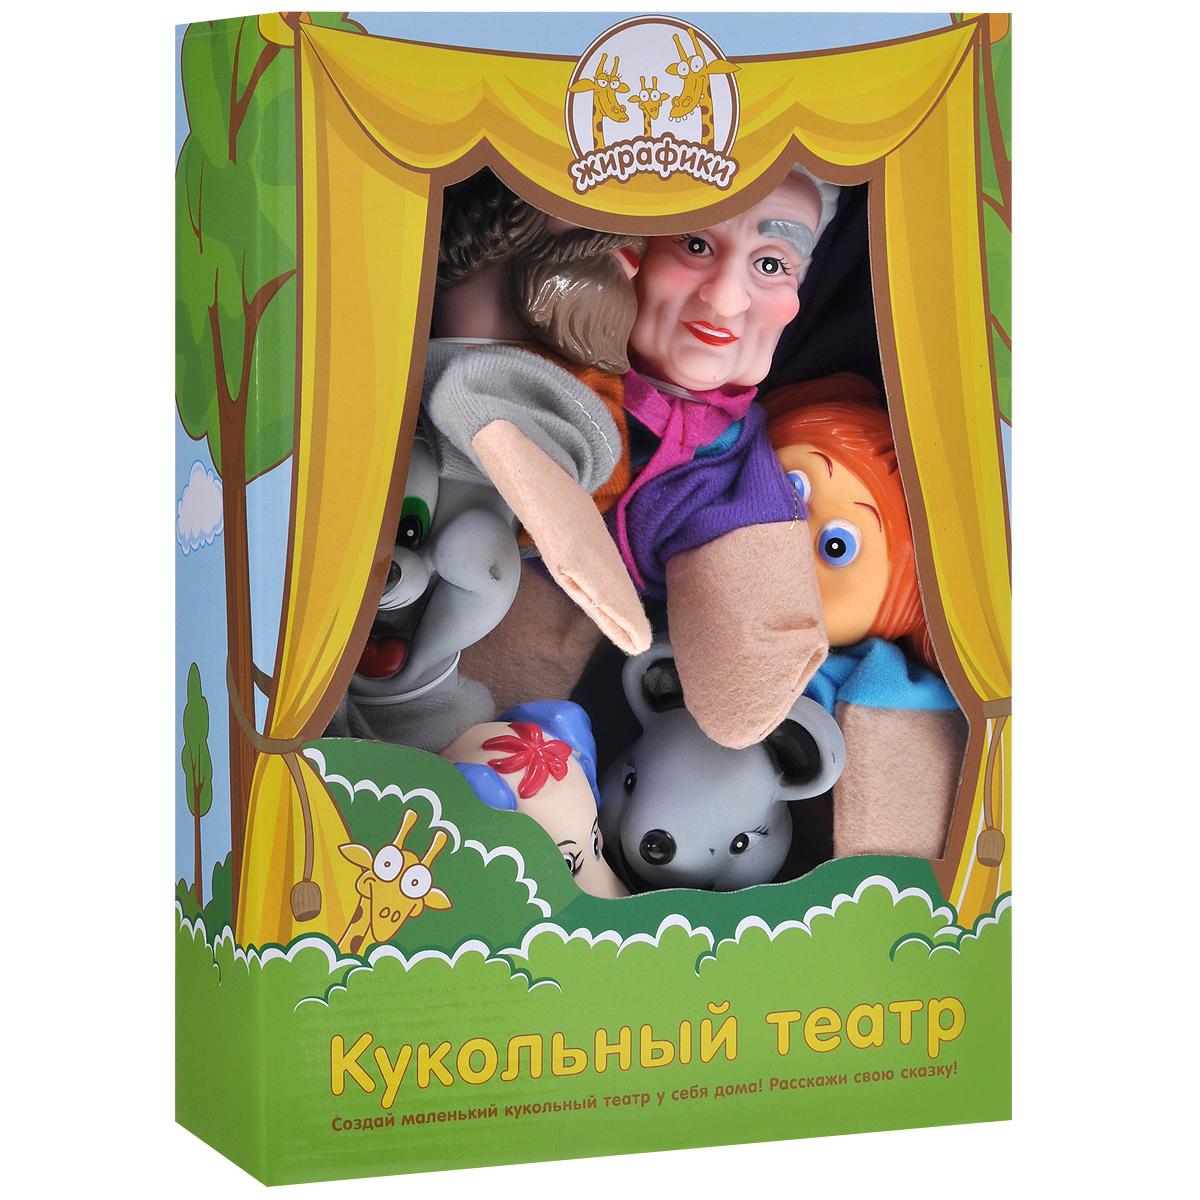 Жирафики Кукольный театр Репка, 6 кукол68321Кукольный театр Жирафики Репка - это веселая игра-театрализация для развития речи и логопедических занятий с детьми в возрасте от 3 лет. С помощью него вы с малышом сможете поставить несложные мини-спектакли на любой ровной поверхности. В комплект входят куклы, выполненные в виде героев сказки Репка: Деда, Бабки, Маши, Жучки, Мурки и Мышки. Игрушки выполнены приятных на ощупь текстильных материалов, головы - из пластика. Надевая куклу на руку, вы сможете показывать различные сценки из любимой сказки или собственные придуманные истории. Благодаря среднему размеру куклы легко надеваются как на детскую, так и на взрослую руку. В коробке вы найдете все необходимое для инсценировки сказки: шесть кукол, картонный реквизит в виде репки, а также инструкцию на русском языке с сокращенным текстом сказки и подробными методическими рекомендациями.